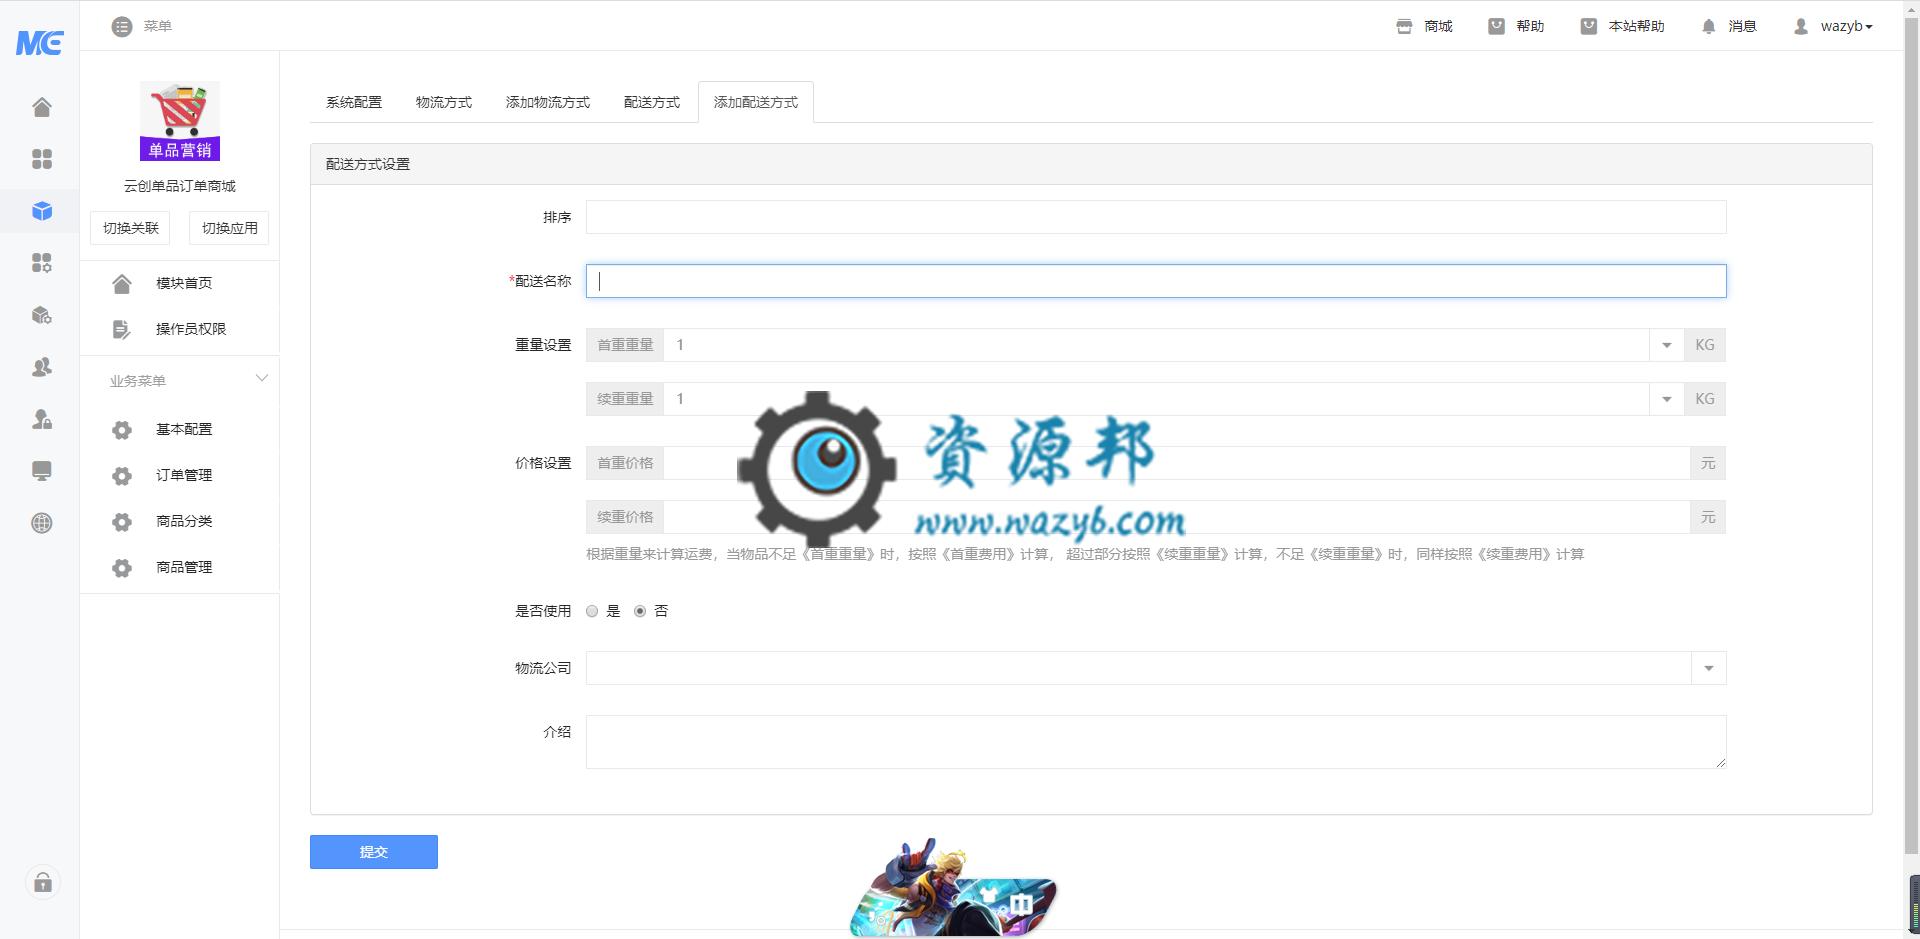 【公众号应用】云创单品订单商城V1.0.16完整源码包,修正商品内容视频字段默认值 公众号应用 第3张